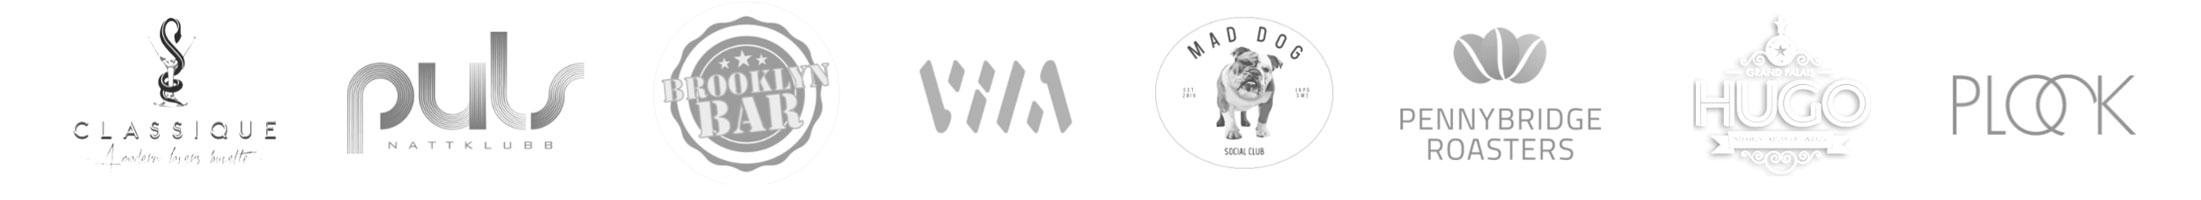 logos-set5